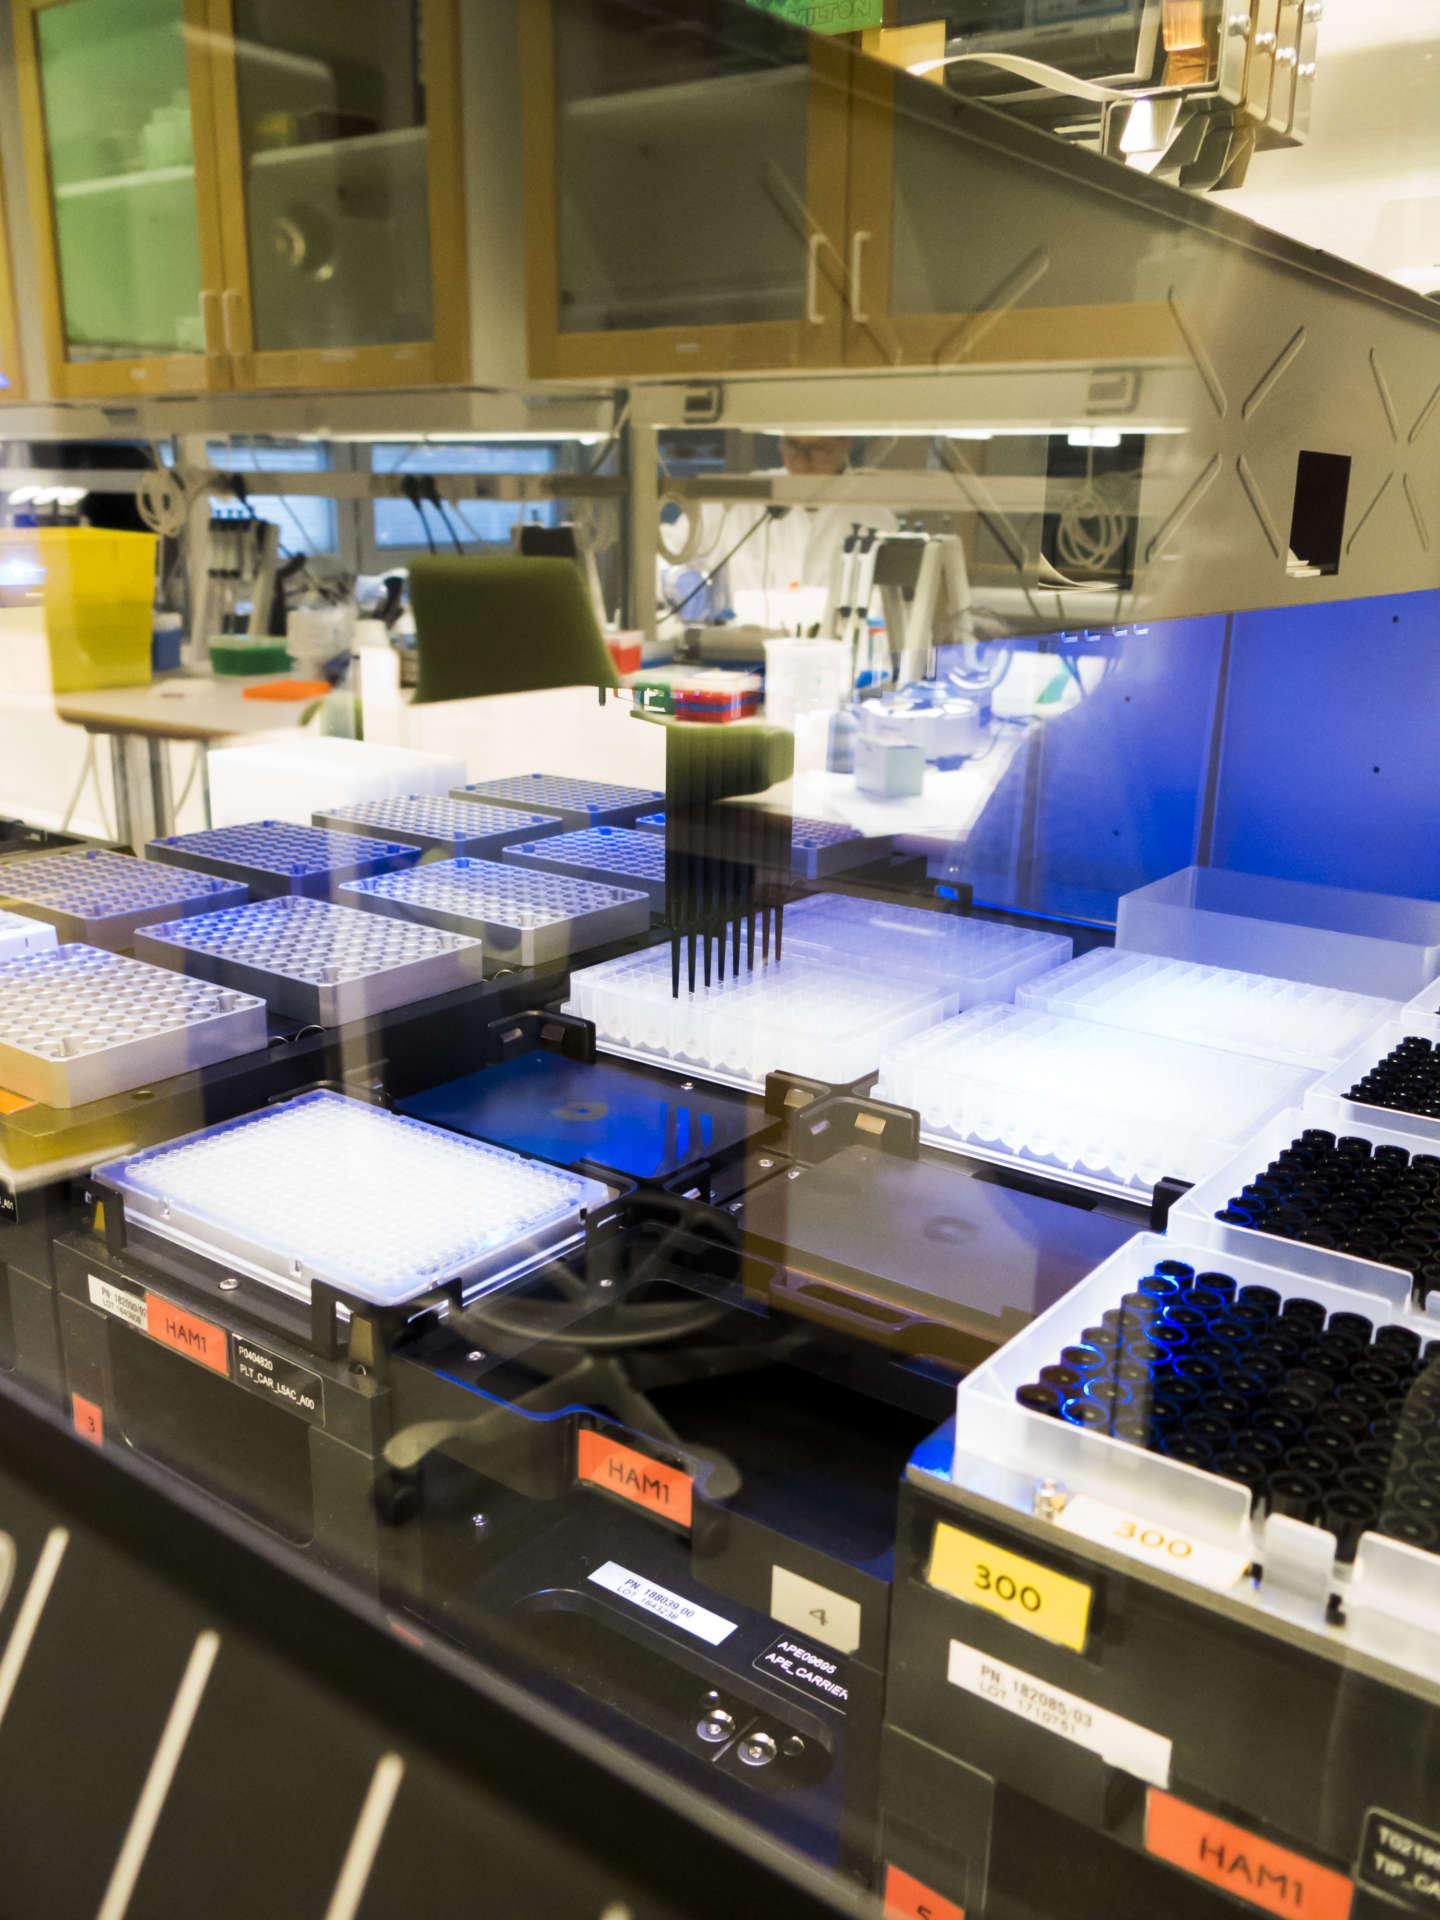 Genteknikens utveckling. Fascinerande forskning. Bioresurs.